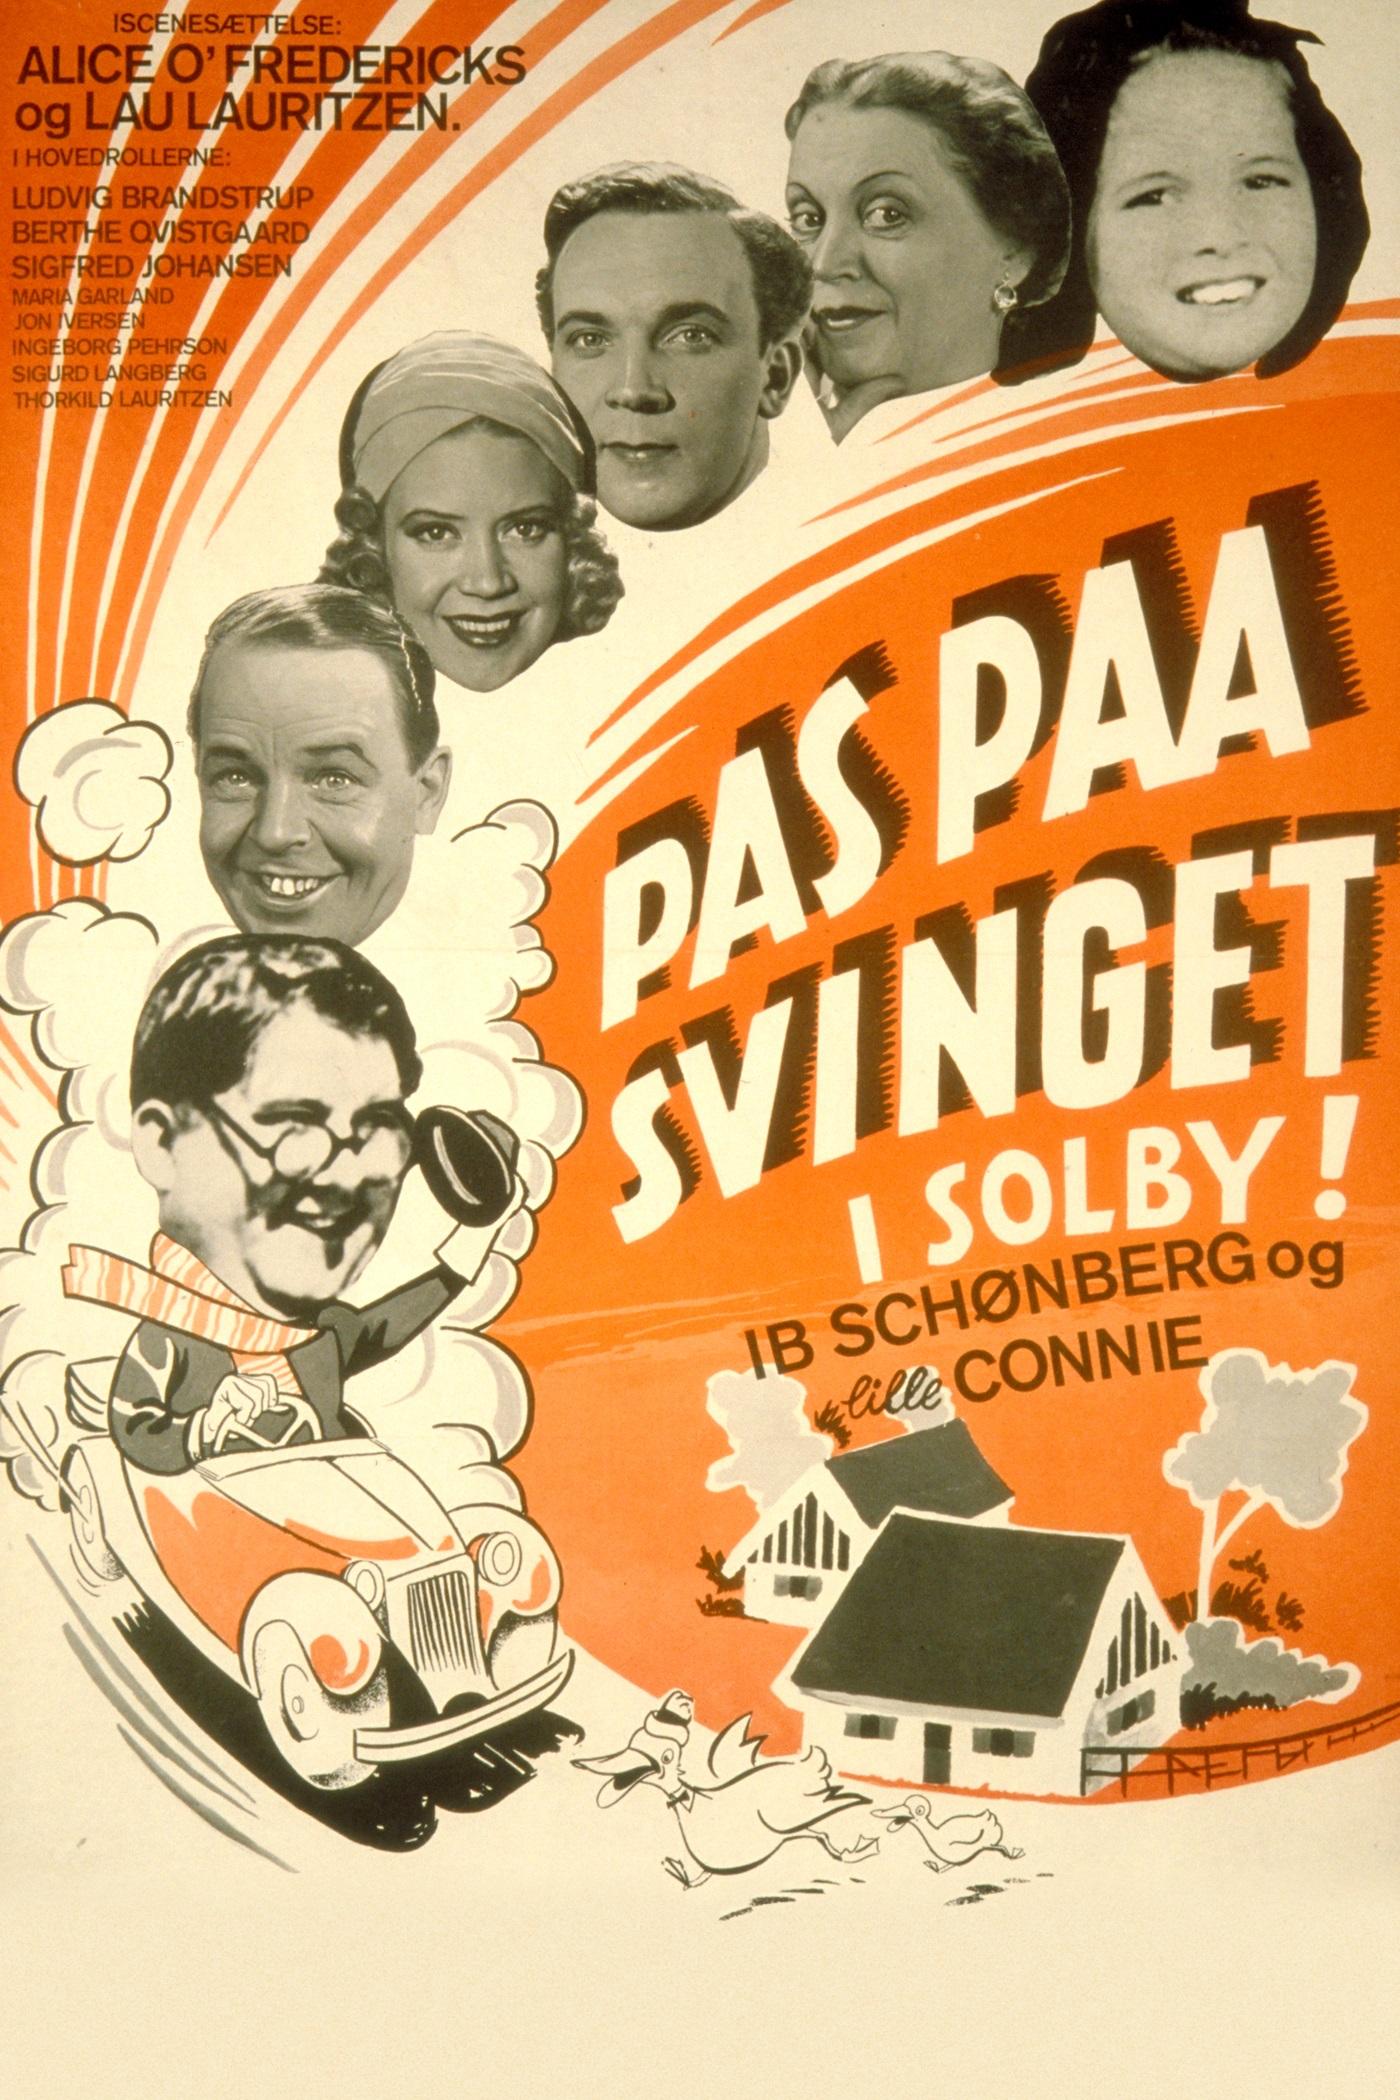 Pas På Svinget I Solby -  - Film -  - 5708758703277 - 6/8-2020